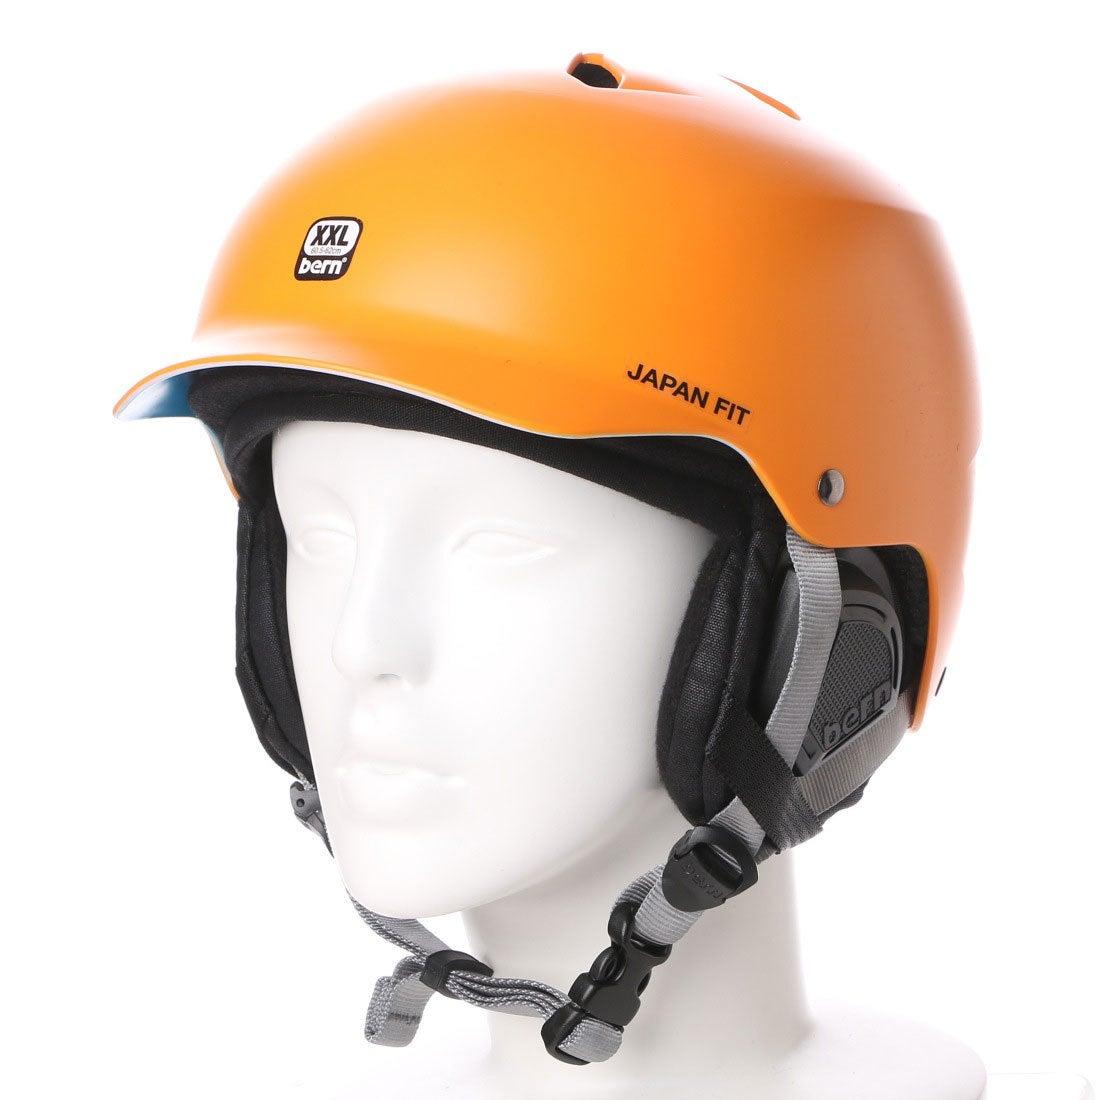 【SALE 30%OFF】バーン bern ユニセックス スキー/スノーボード ヘルメット スキー・スノーボードヘルメット WATTS XLOG 135